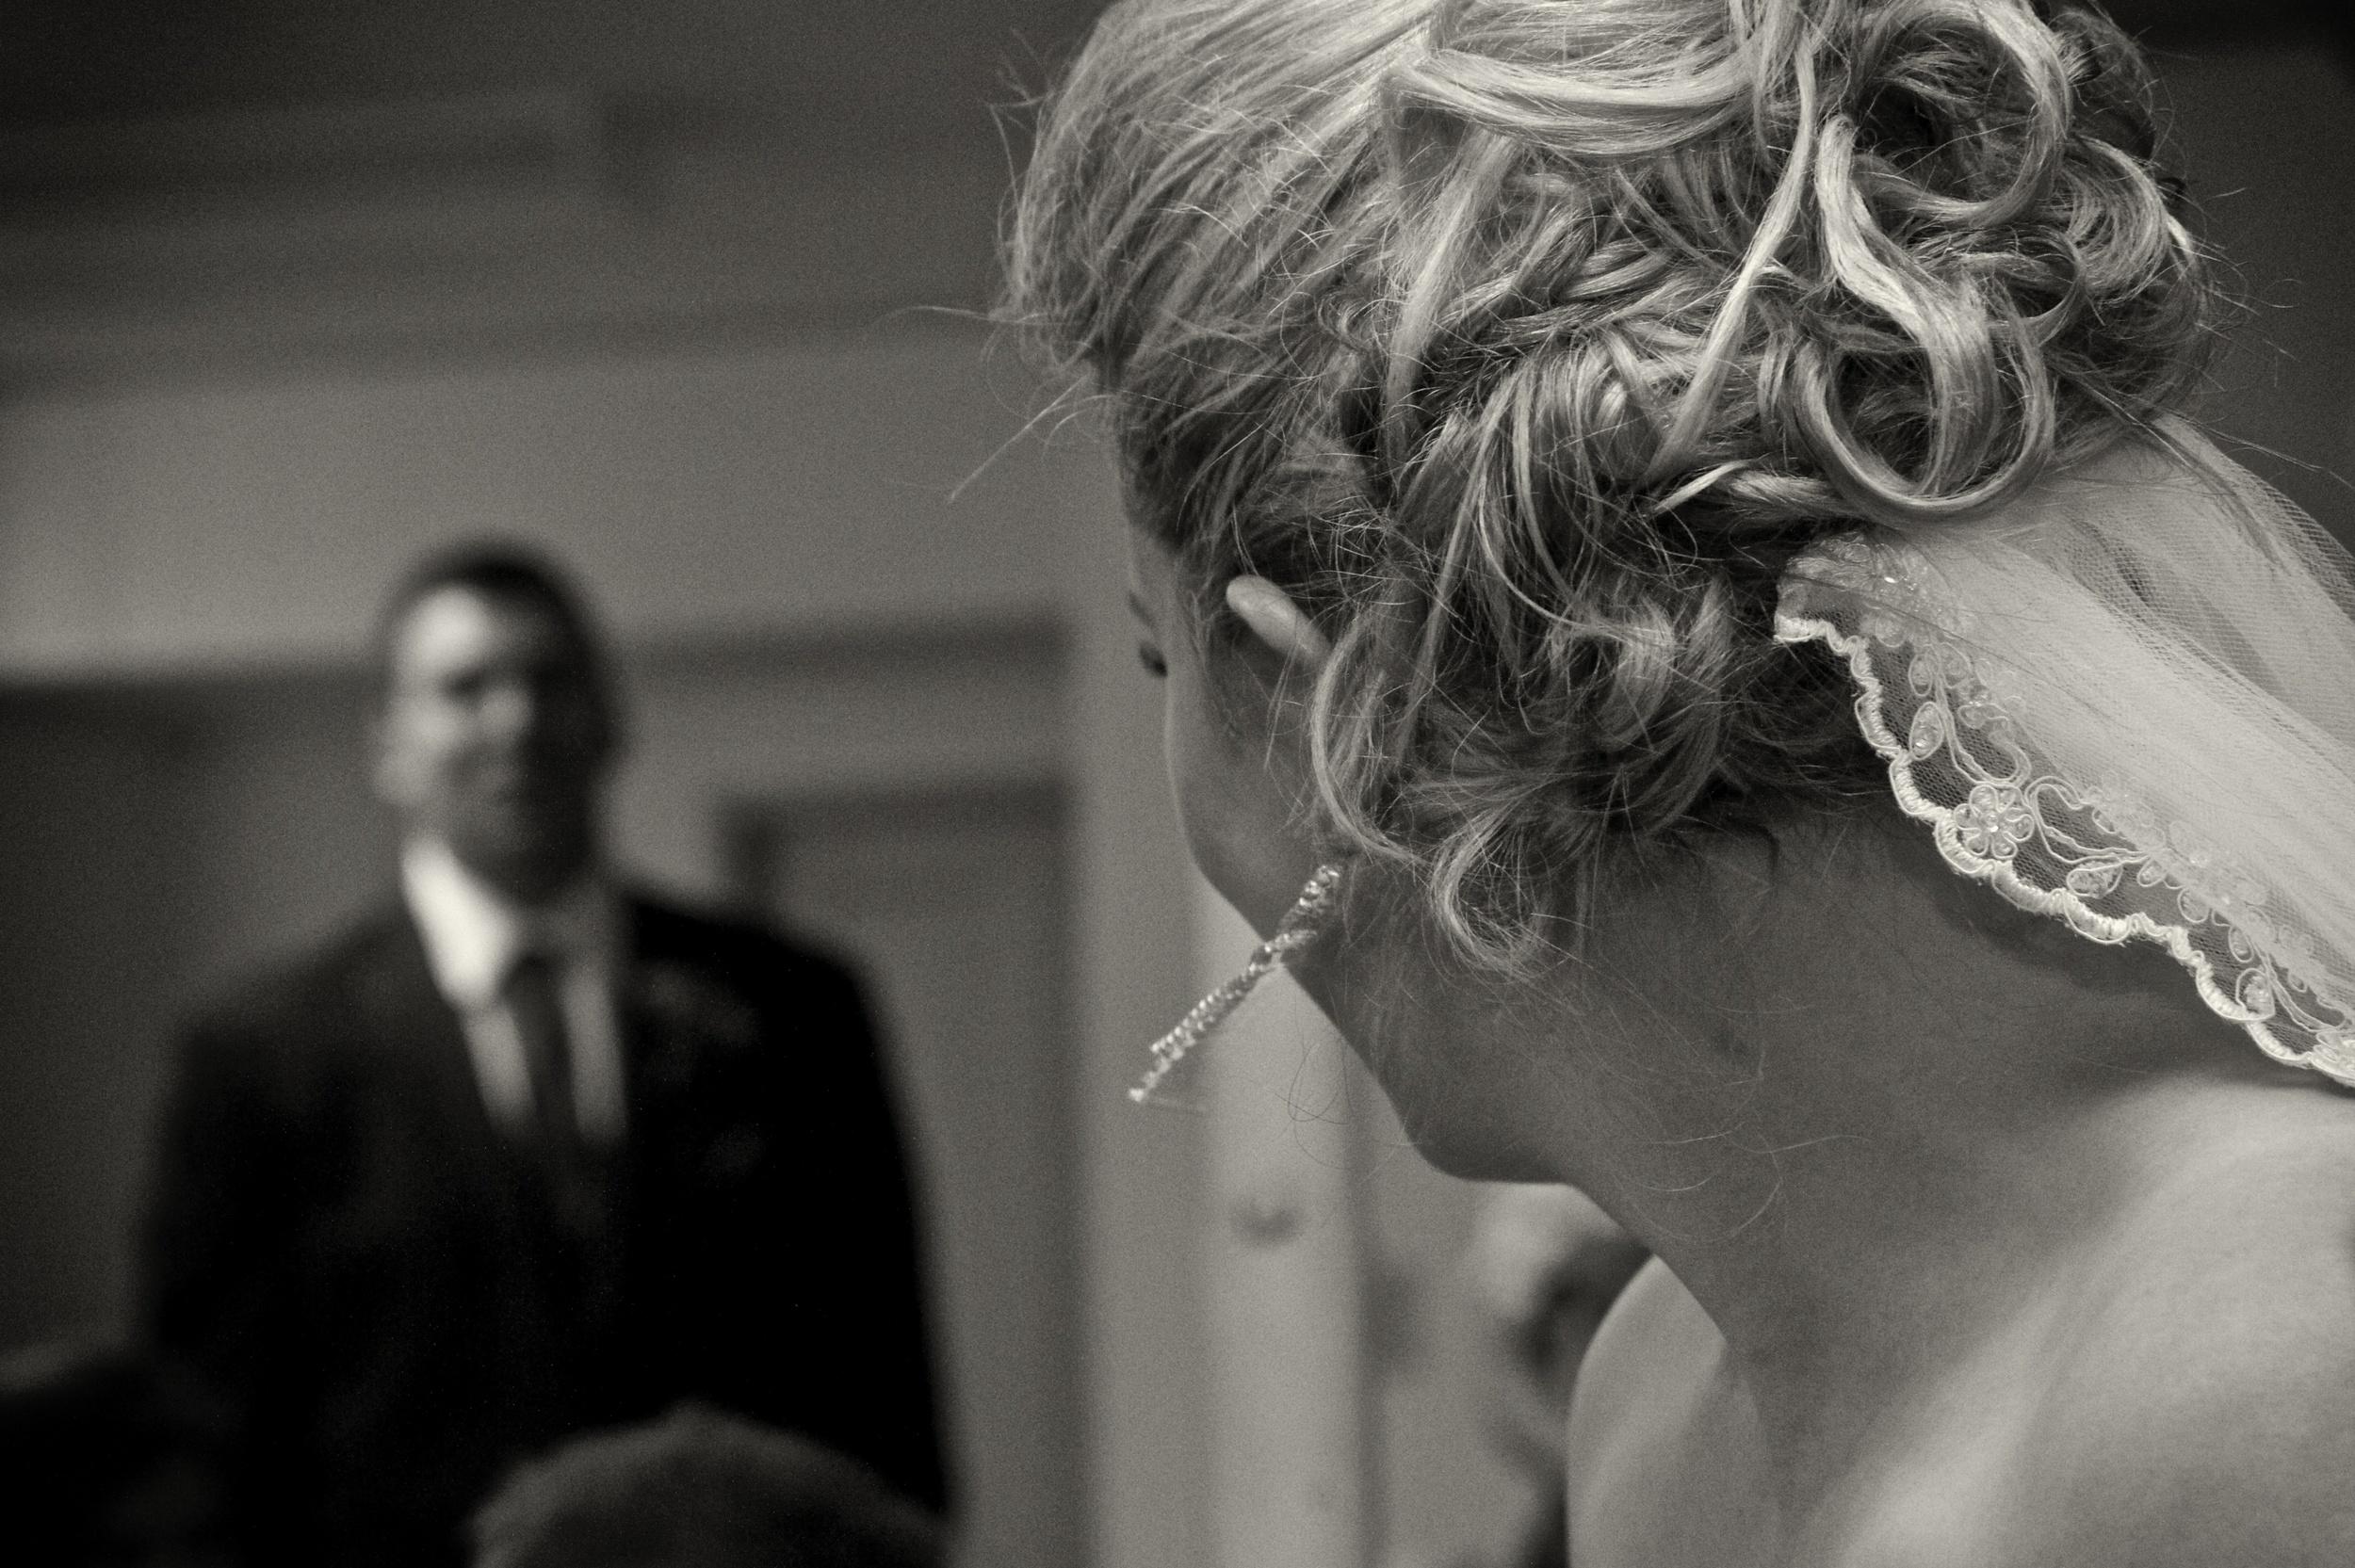 2013-11-09 at 14-29-37 Wedding, Bride, Groom, Hair, Look, Black & White.jpg